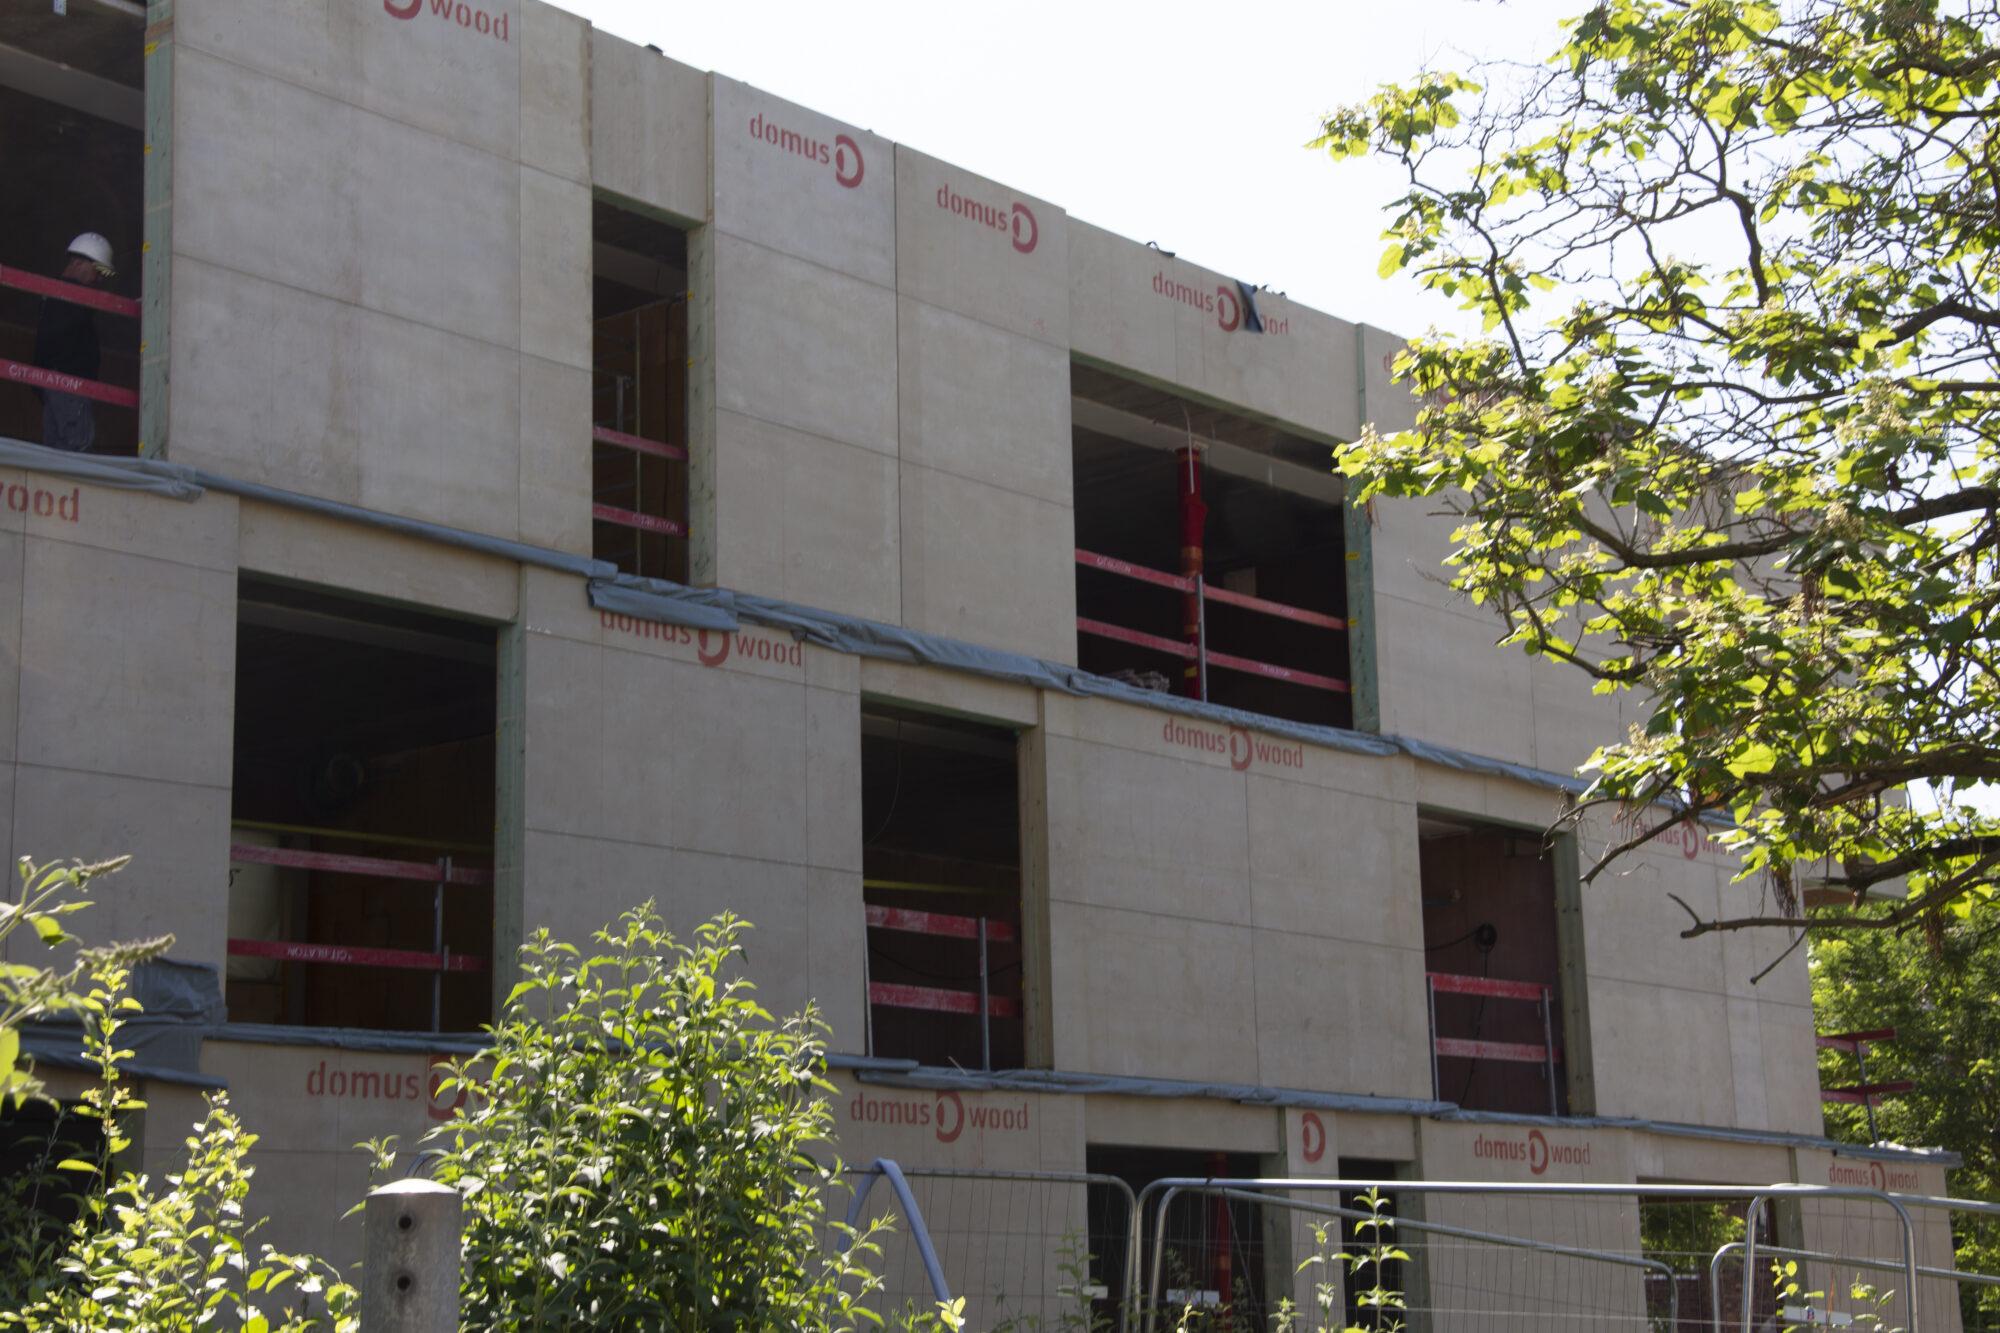 BRANDVEILIGE HOUTEN VLIESGEVEL VOOR BRUSSELSE SCHOOL